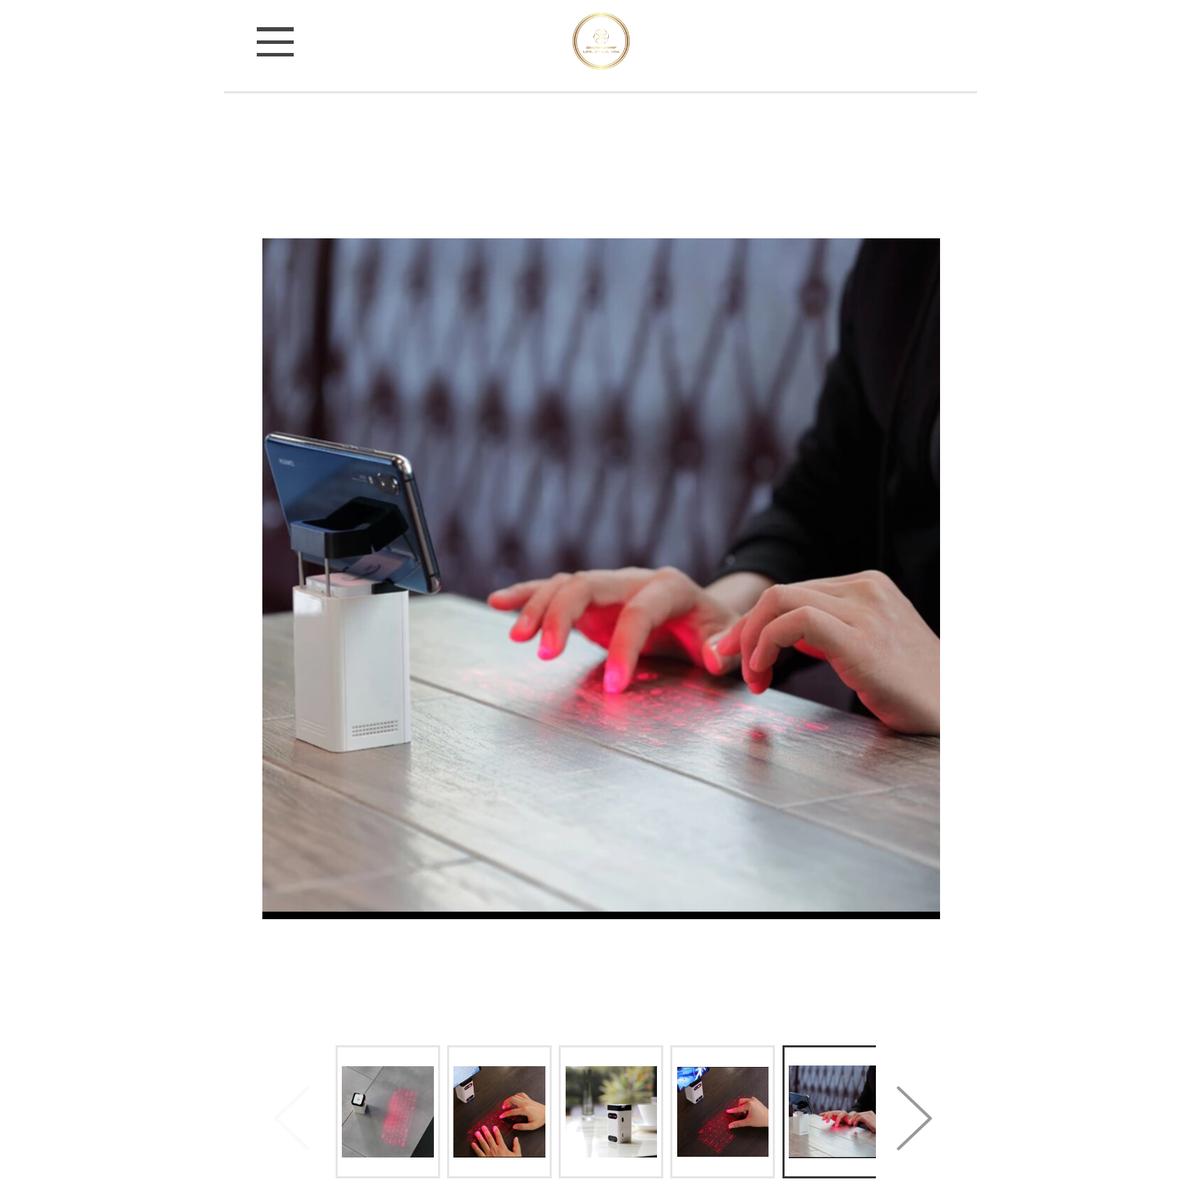 Lazer Projection Keyboard